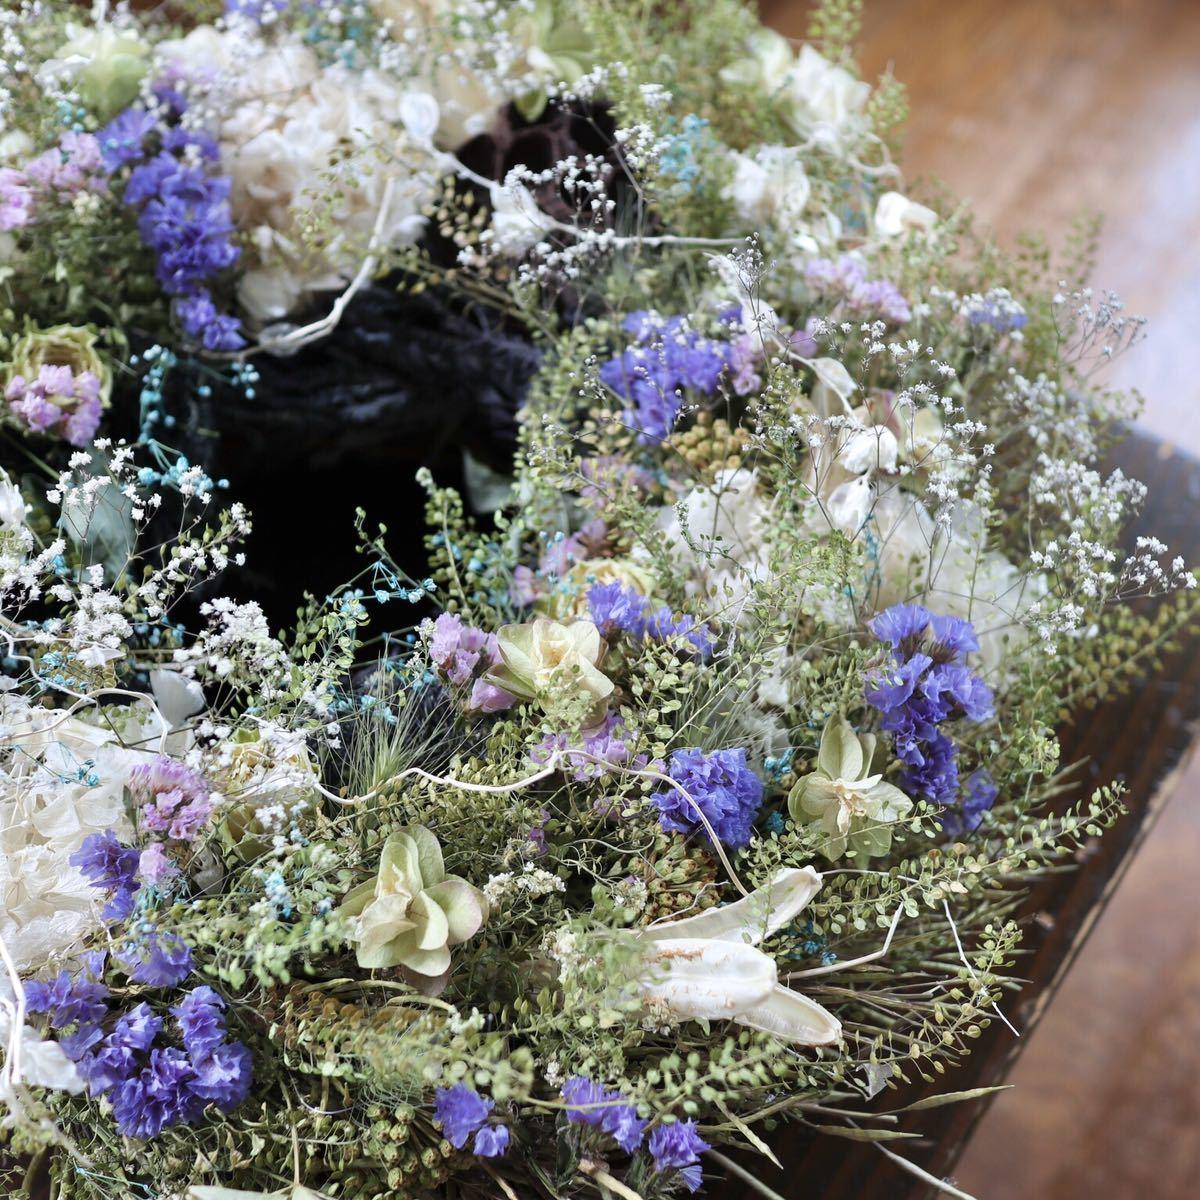 *kashun* L(38cm マメグンバイナズナとカラフルな小花のボリュームリース/ドライフラワー/プレゼント/新築祝い/開店祝い/誕生日プレゼント_画像7